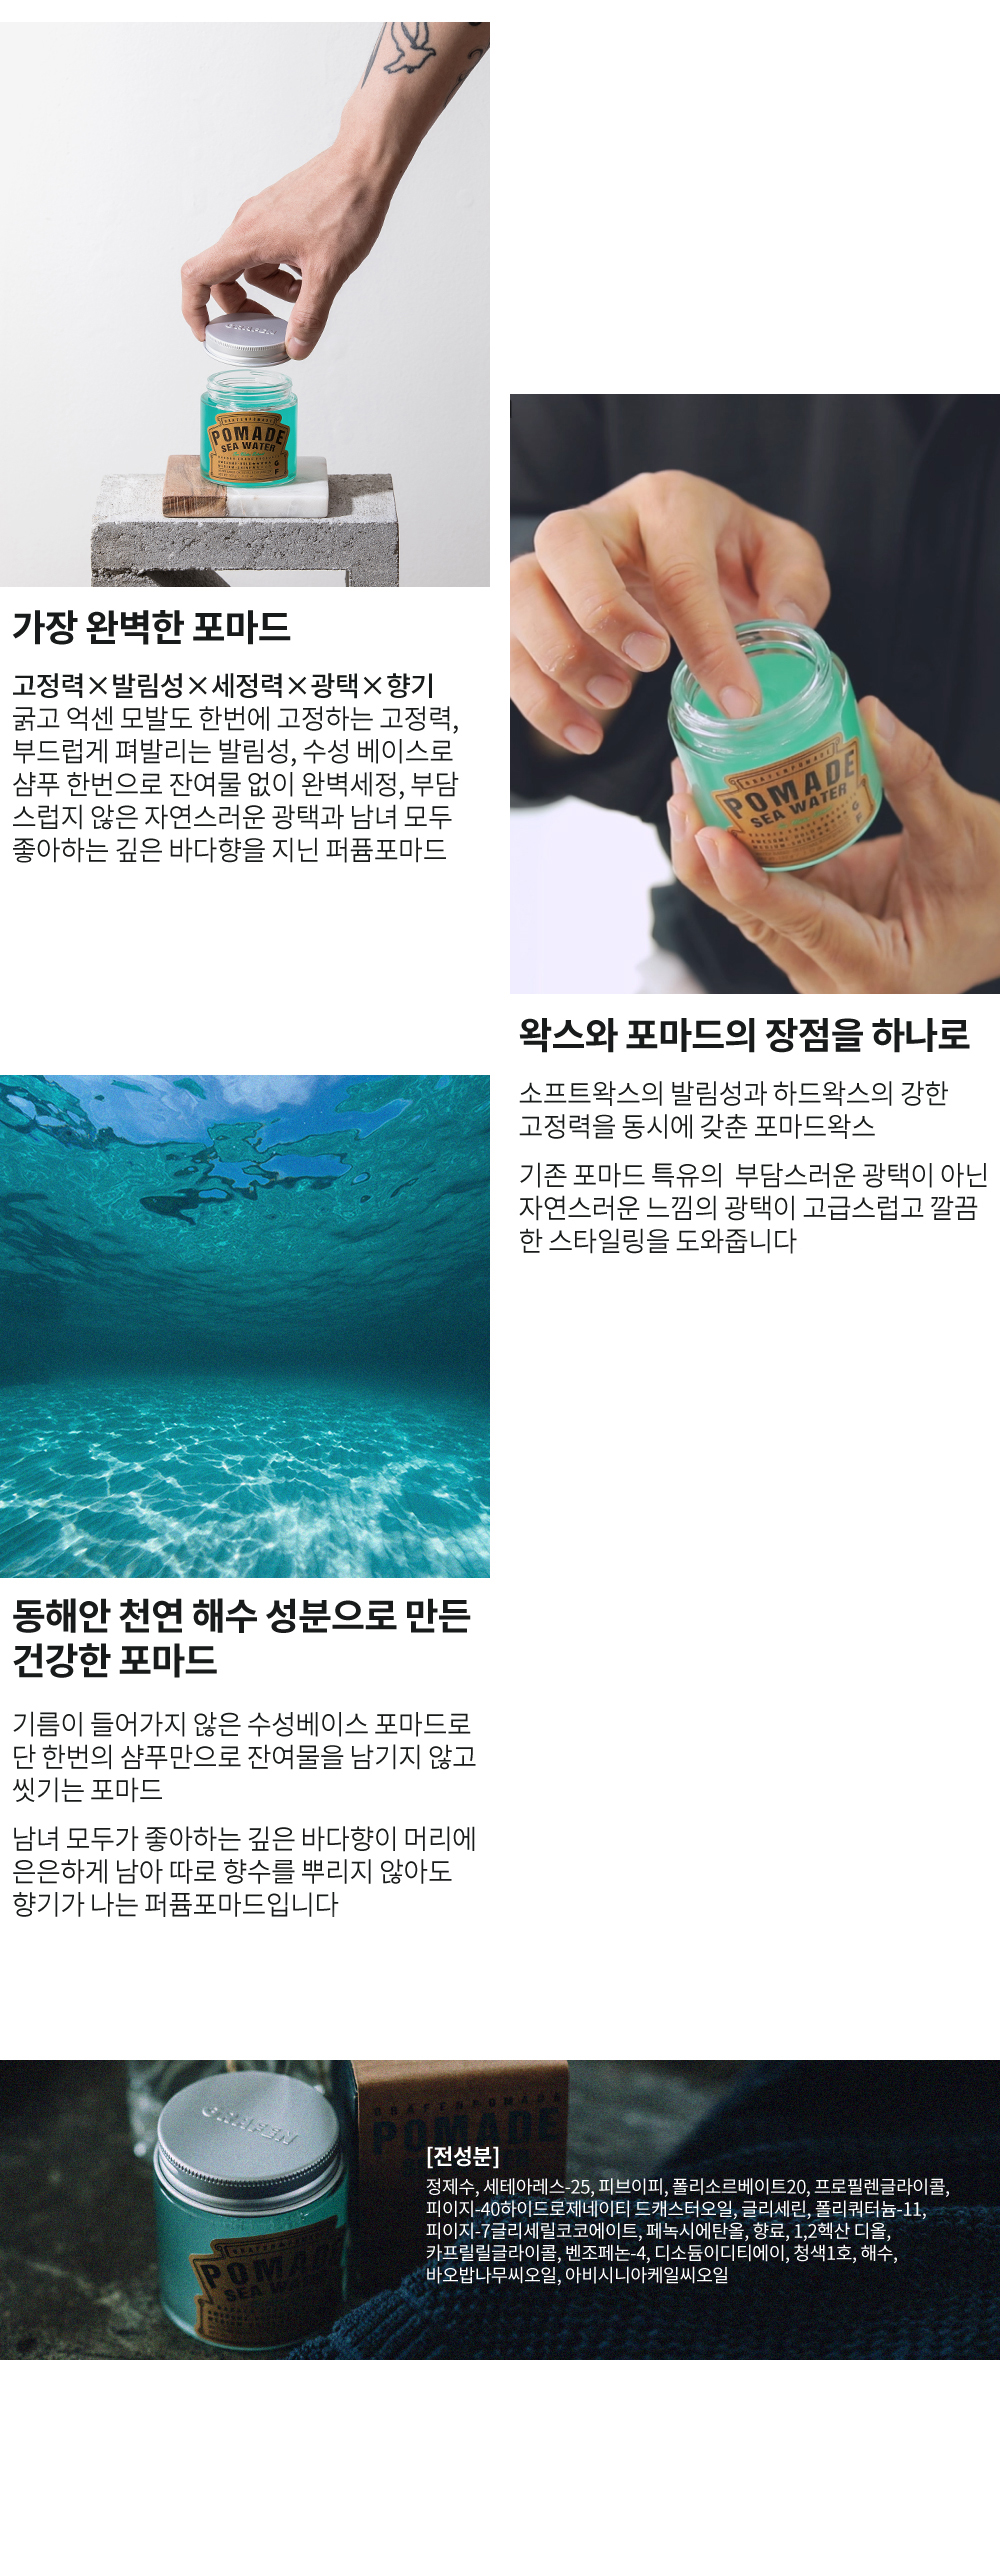 그라펜(GRAFEN) 해수 포마드 100g